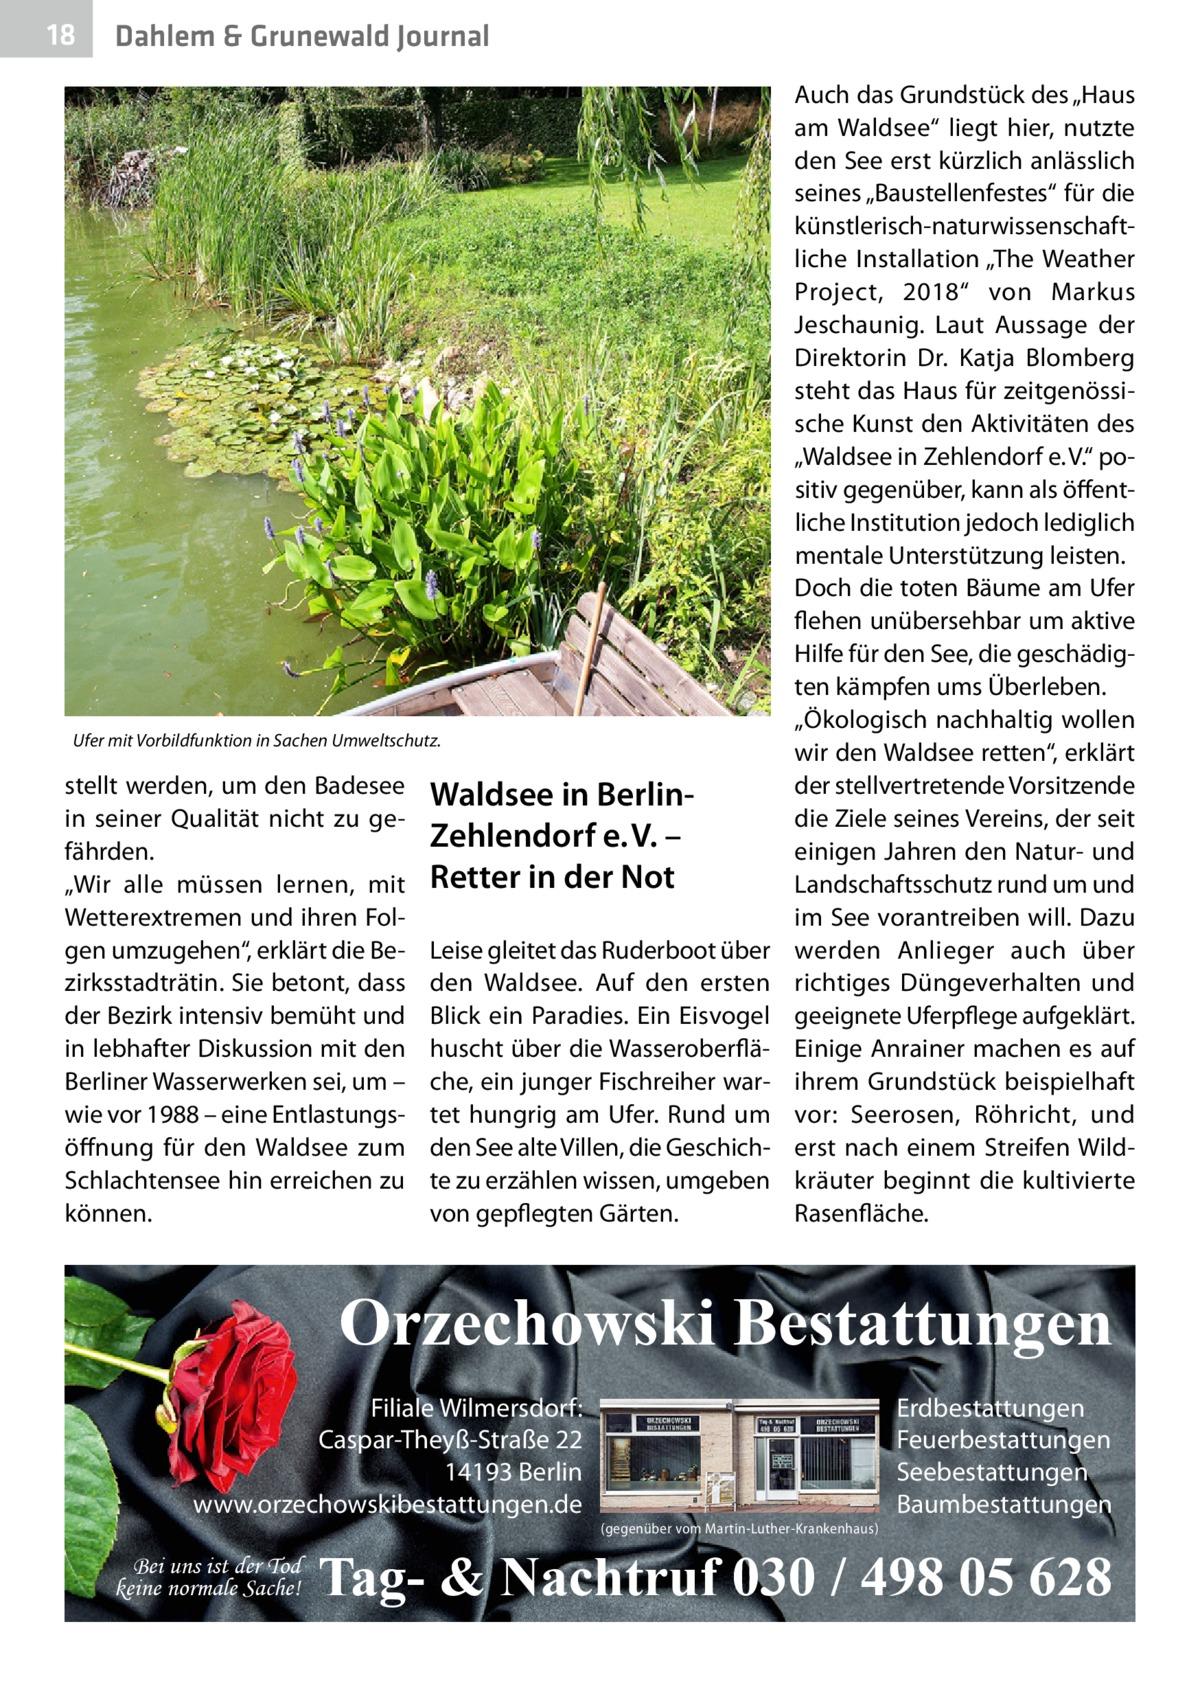 """18  Dahlem & Grunewald Journal  Ufer mit Vorbildfunktion in Sachen Umweltschutz.  stellt werden, um den Badesee in seiner Qualität nicht zu gefährden. """"Wir alle müssen lernen, mit Wetterextremen und ihren Folgen umzugehen"""", erklärt die Bezirksstadträtin. Sie betont, dass der Bezirk intensiv bemüht und in lebhafter Diskussion mit den Berliner Wasserwerken sei, um – wie vor 1988 – eine Entlastungsöffnung für den Waldsee zum Schlachtensee hin erreichen zu können.  Waldsee in BerlinZehlendorfe.V. – Retter in der Not Leise gleitet das Ruderboot über den Waldsee. Auf den ersten Blick ein Paradies. Ein Eisvogel huscht über die Wasseroberfläche, ein junger Fischreiher wartet hungrig am Ufer. Rund um den See alte Villen, die Geschichte zu erzählen wissen, umgeben von gepflegten Gärten.  Auch das Grundstück des """"Haus am Waldsee"""" liegt hier, nutzte den See erst kürzlich anlässlich seines """"Baustellenfestes"""" für die künstlerisch-naturwissenschaftliche Installation """"The Weather Project, 2018"""" von Markus Jeschaunig. Laut Aussage der Direktorin Dr. Katja Blomberg steht das Haus für zeitgenössische Kunst den Aktivitäten des """"Waldsee in Zehlendorf e.V."""" positiv gegenüber, kann als öffentliche Institution jedoch lediglich mentale Unterstützung leisten. Doch die toten Bäume am Ufer flehen unübersehbar um aktive Hilfe für den See, die geschädigten kämpfen ums Überleben. """"Ökologisch nachhaltig wollen wir den Waldsee retten"""", erklärt der stellvertretende Vorsitzende die Ziele seines Vereins, der seit einigen Jahren den Natur- und Landschaftsschutz rund um und im See vorantreiben will. Dazu werden Anlieger auch über richtiges Düngeverhalten und geeignete Uferpflege aufgeklärt. Einige Anrainer machen es auf ihrem Grundstück beispielhaft vor: Seerosen, Röhricht, und erst nach einem Streifen Wildkräuter beginnt die kultivierte Rasenfläche.  Orzechowski Bestattungen Filiale Wilmersdorf: Caspar-Theyß-Straße 22 14193 Berlin www.orzechowskibestattungen.de Bei uns ist der Tod keine normale Sache! """